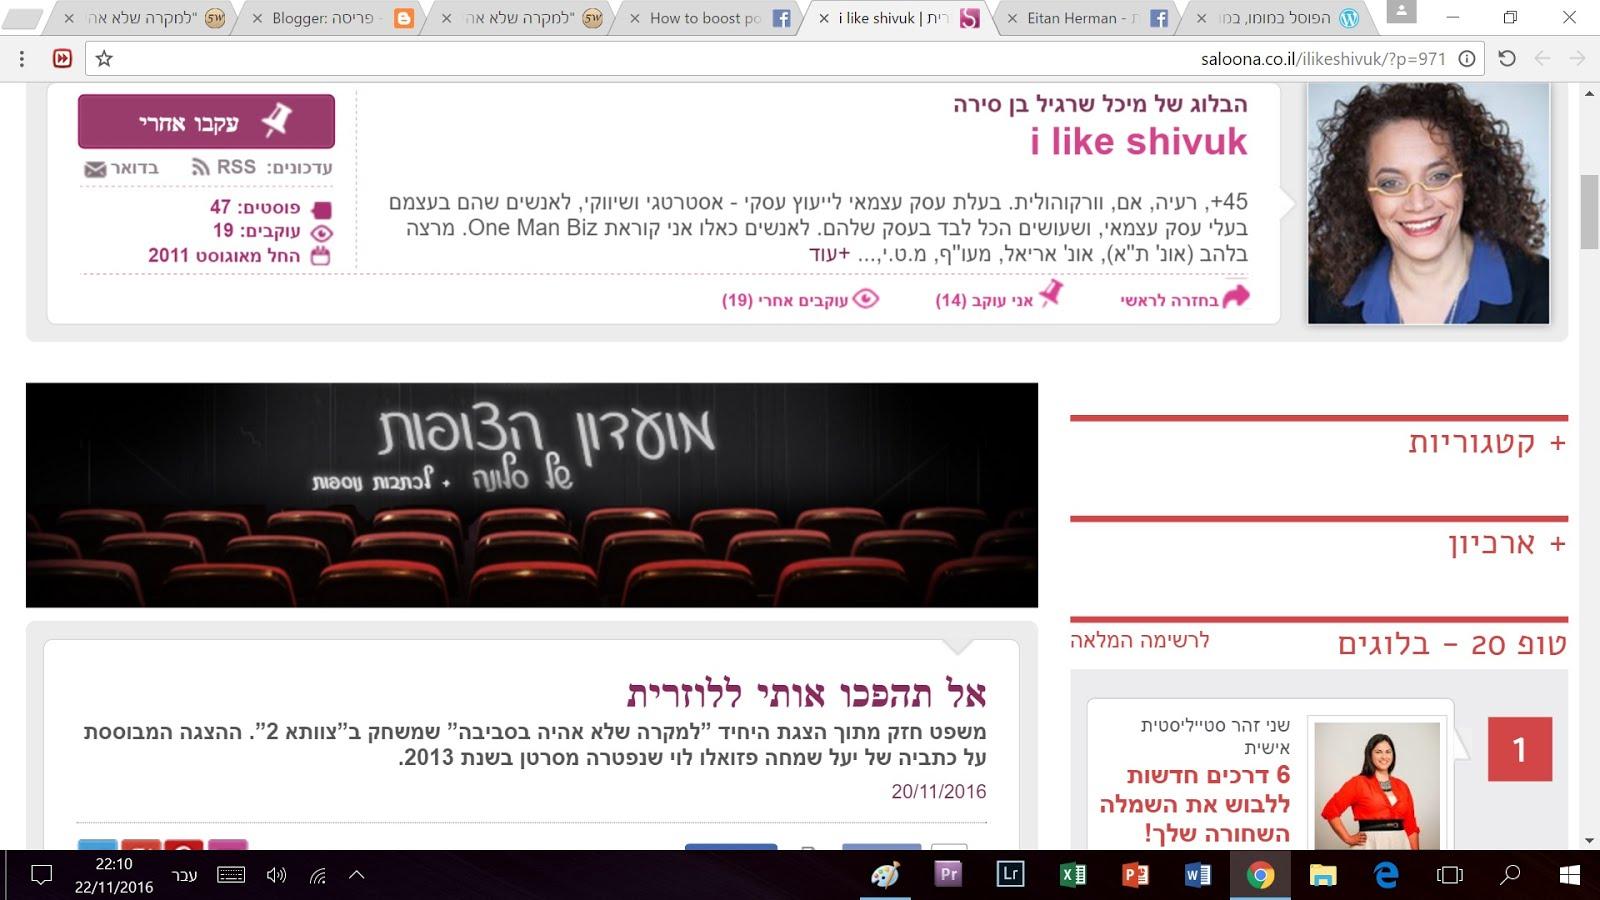 ביקורת בבלוג של מיכל שרגיל בן סירה SALOONA